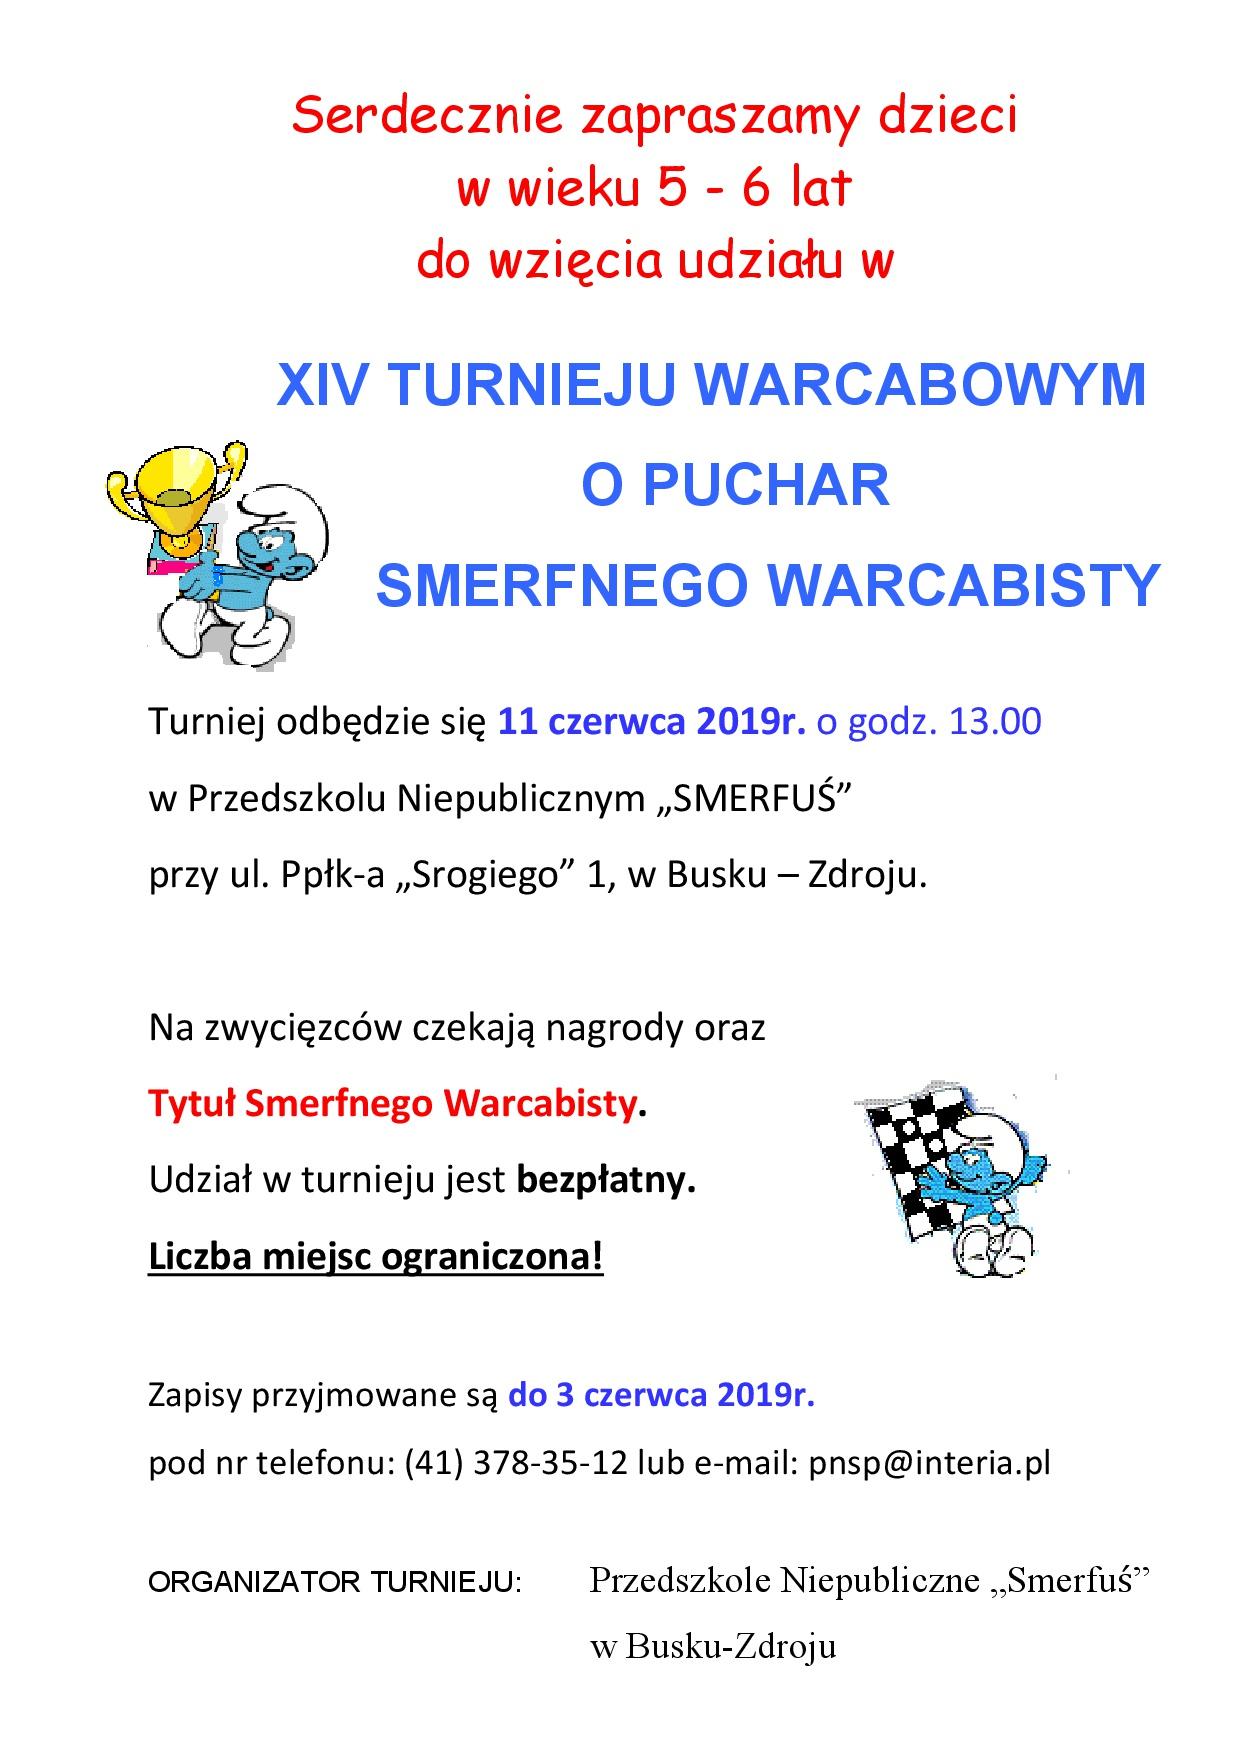 Turniej_smerfnego_warcabisty2019.jpg